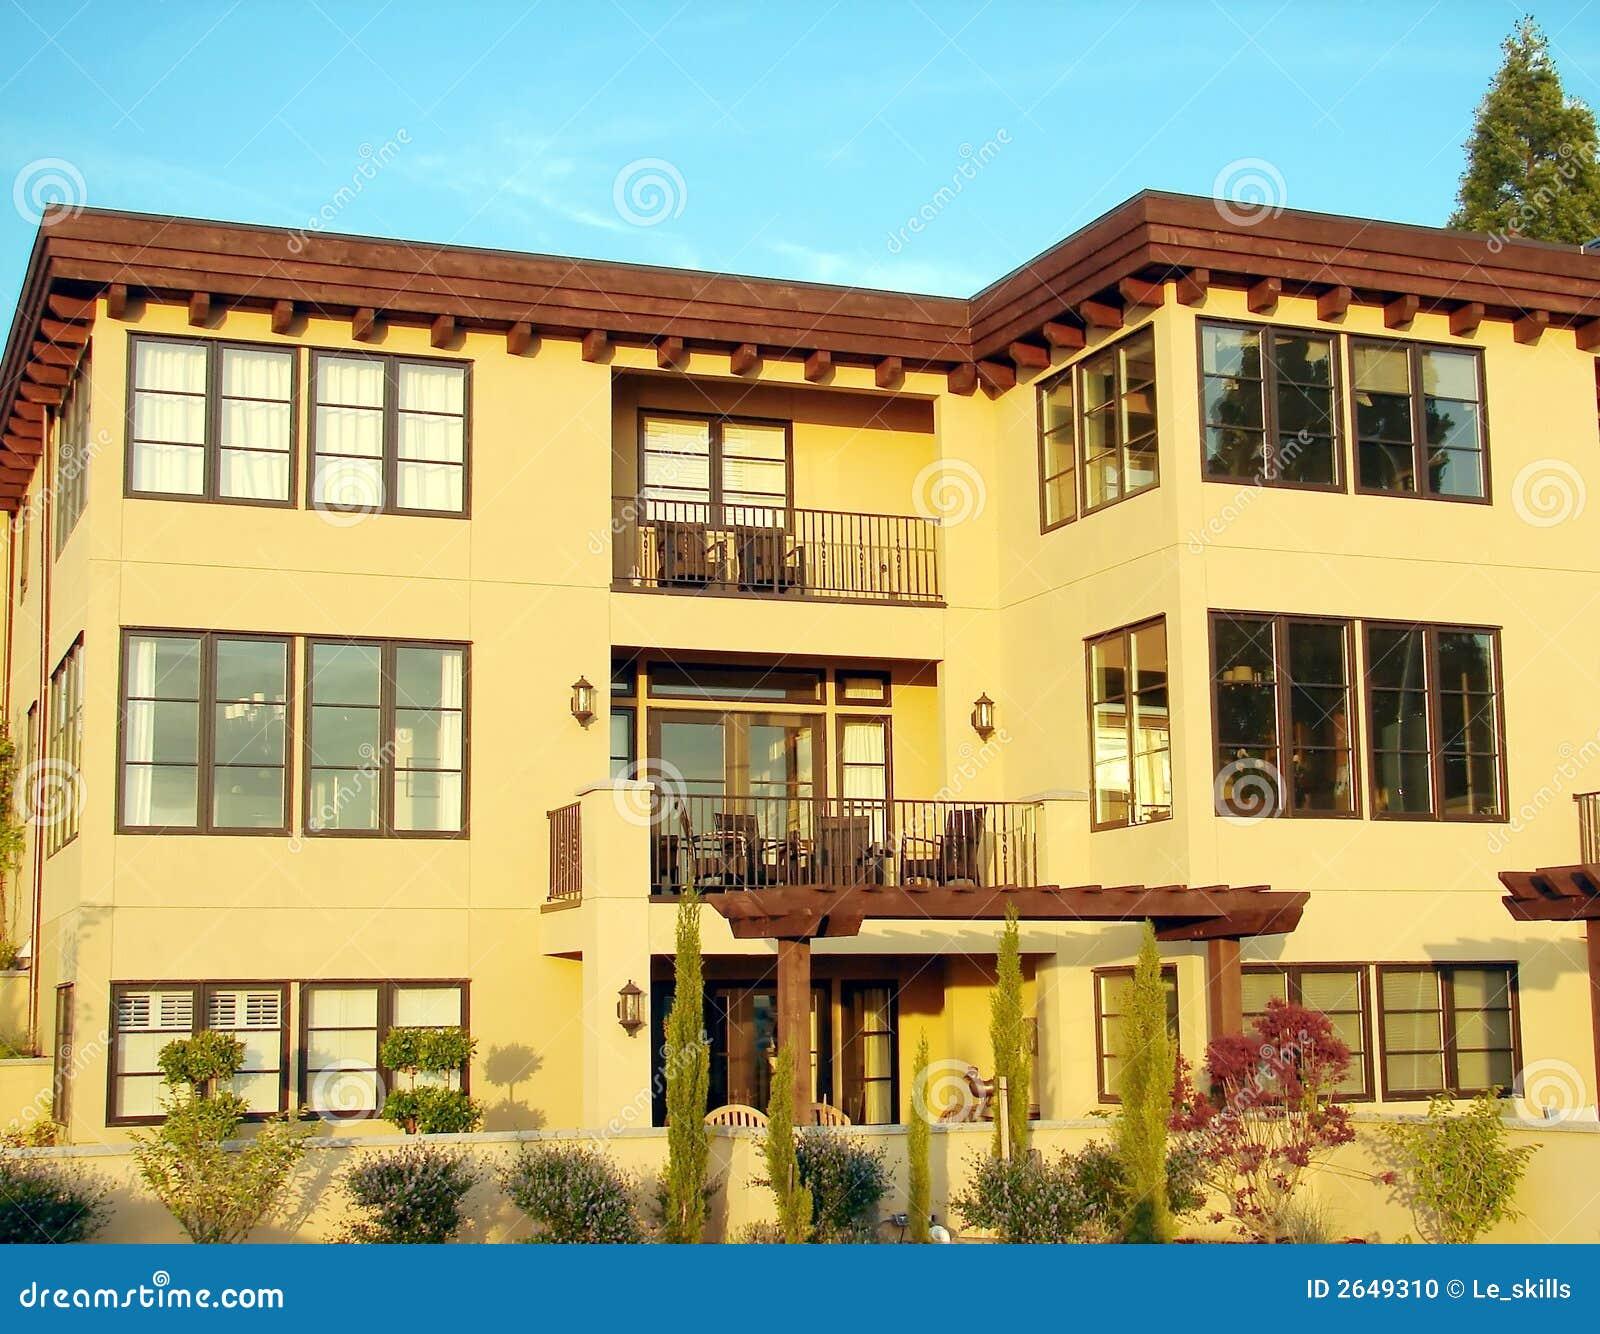 Condominium: Condominium/Apartment Complex Stock Photo